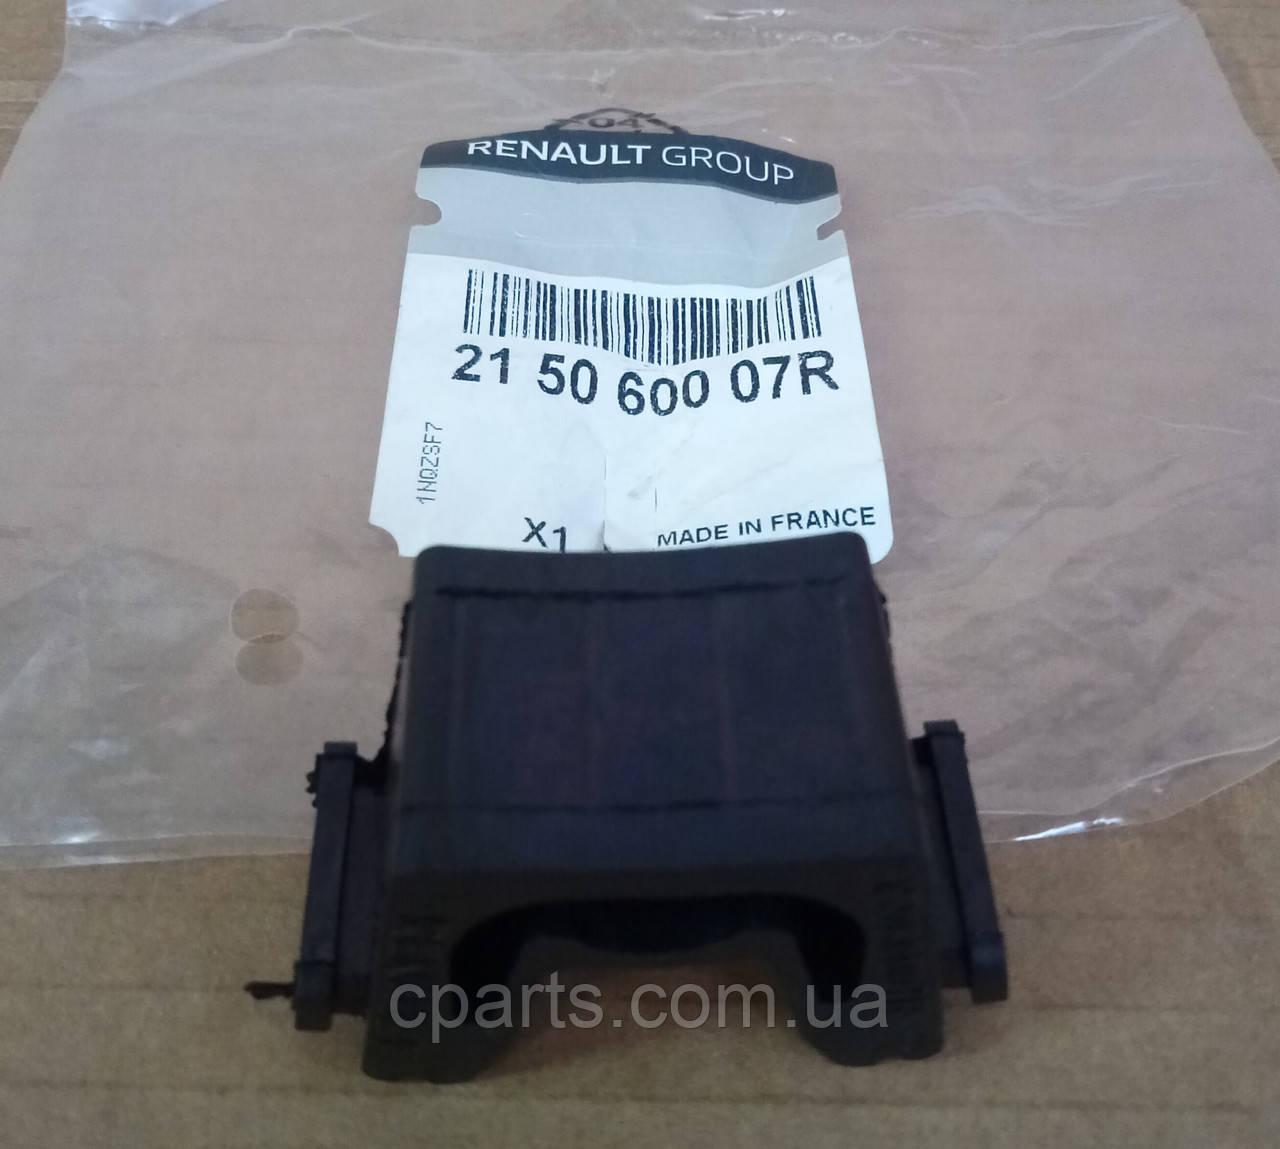 Подушка крепления радиатора Renault Logan 2 (оригинал)